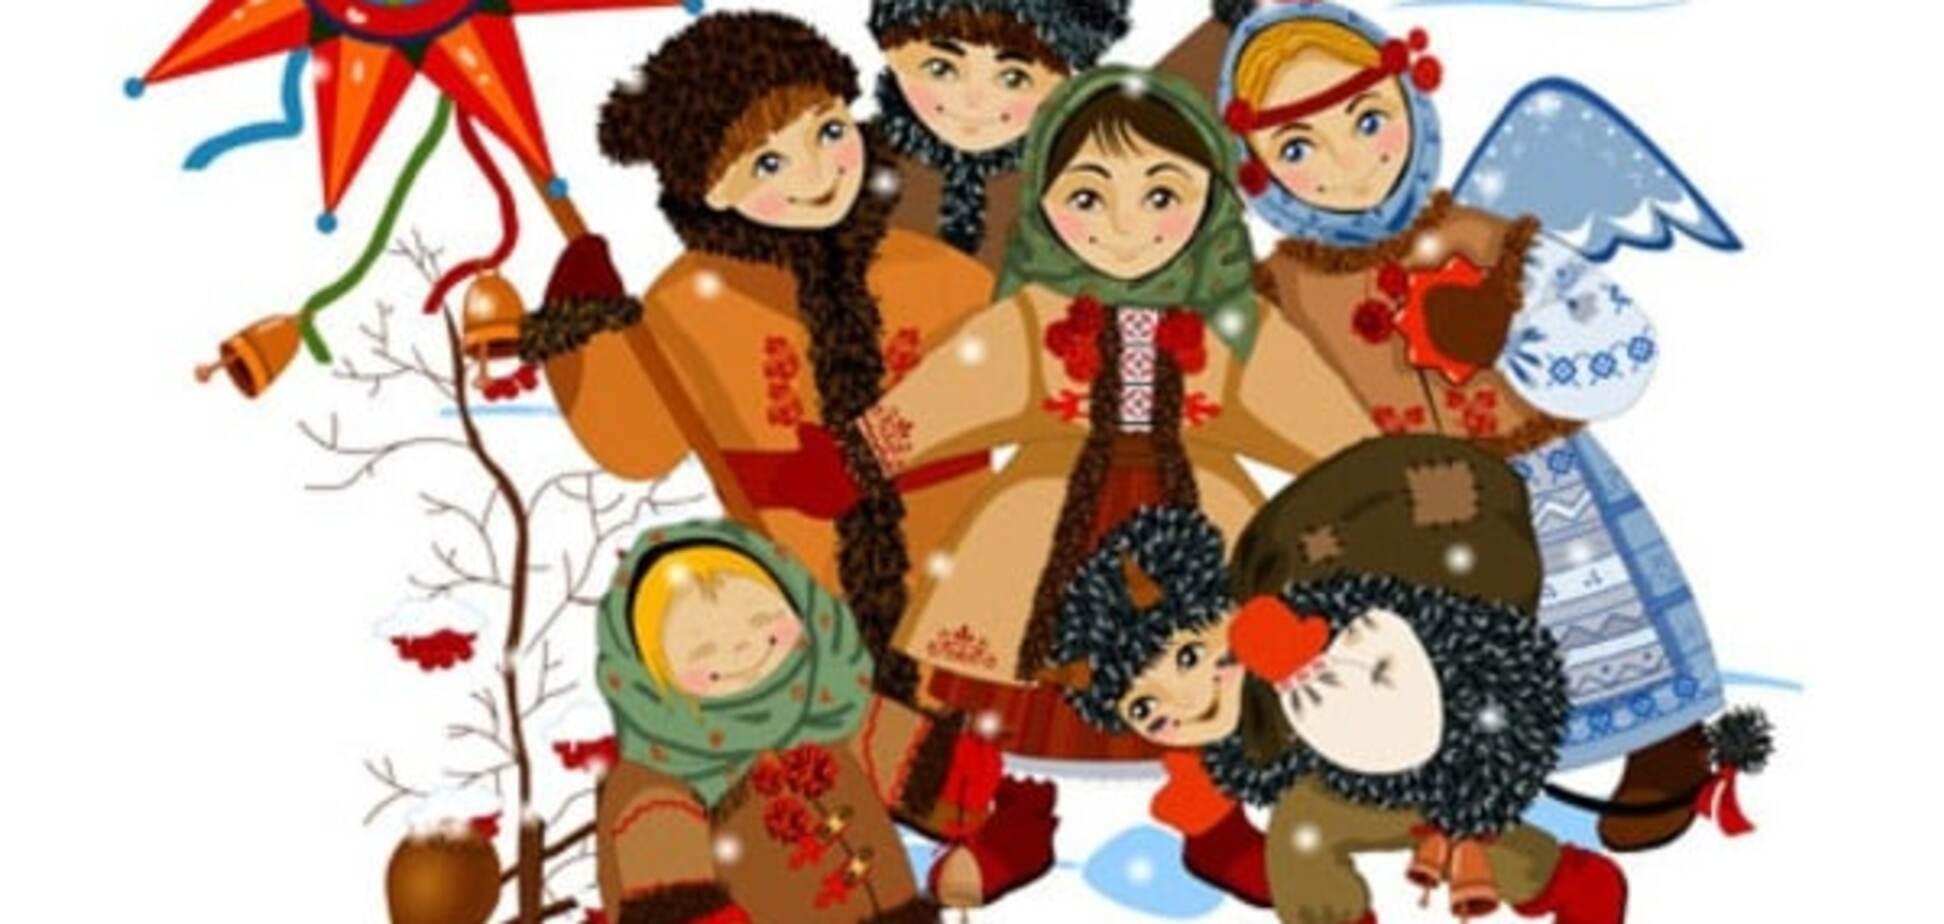 Щедривки на Старый Новый год: как поздравить близких с праздником